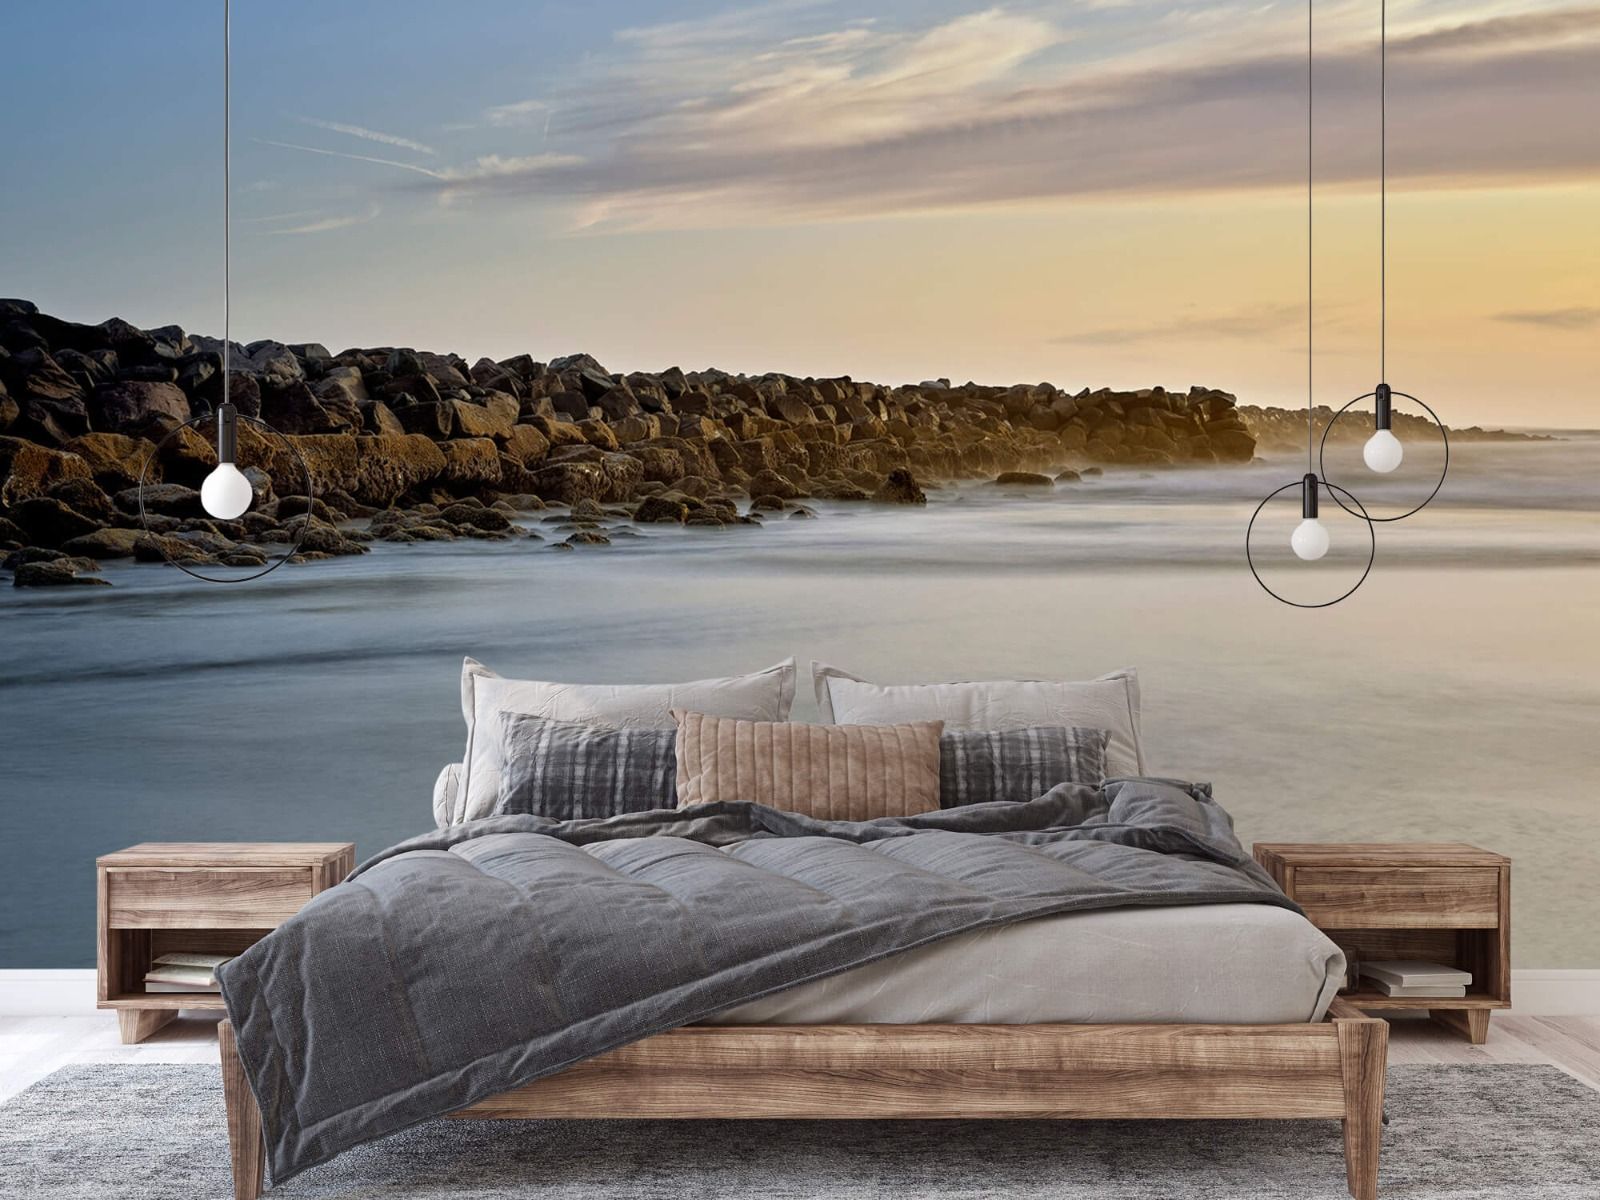 Landschap - Grote stenen aan het strand - Slaapkamer 1